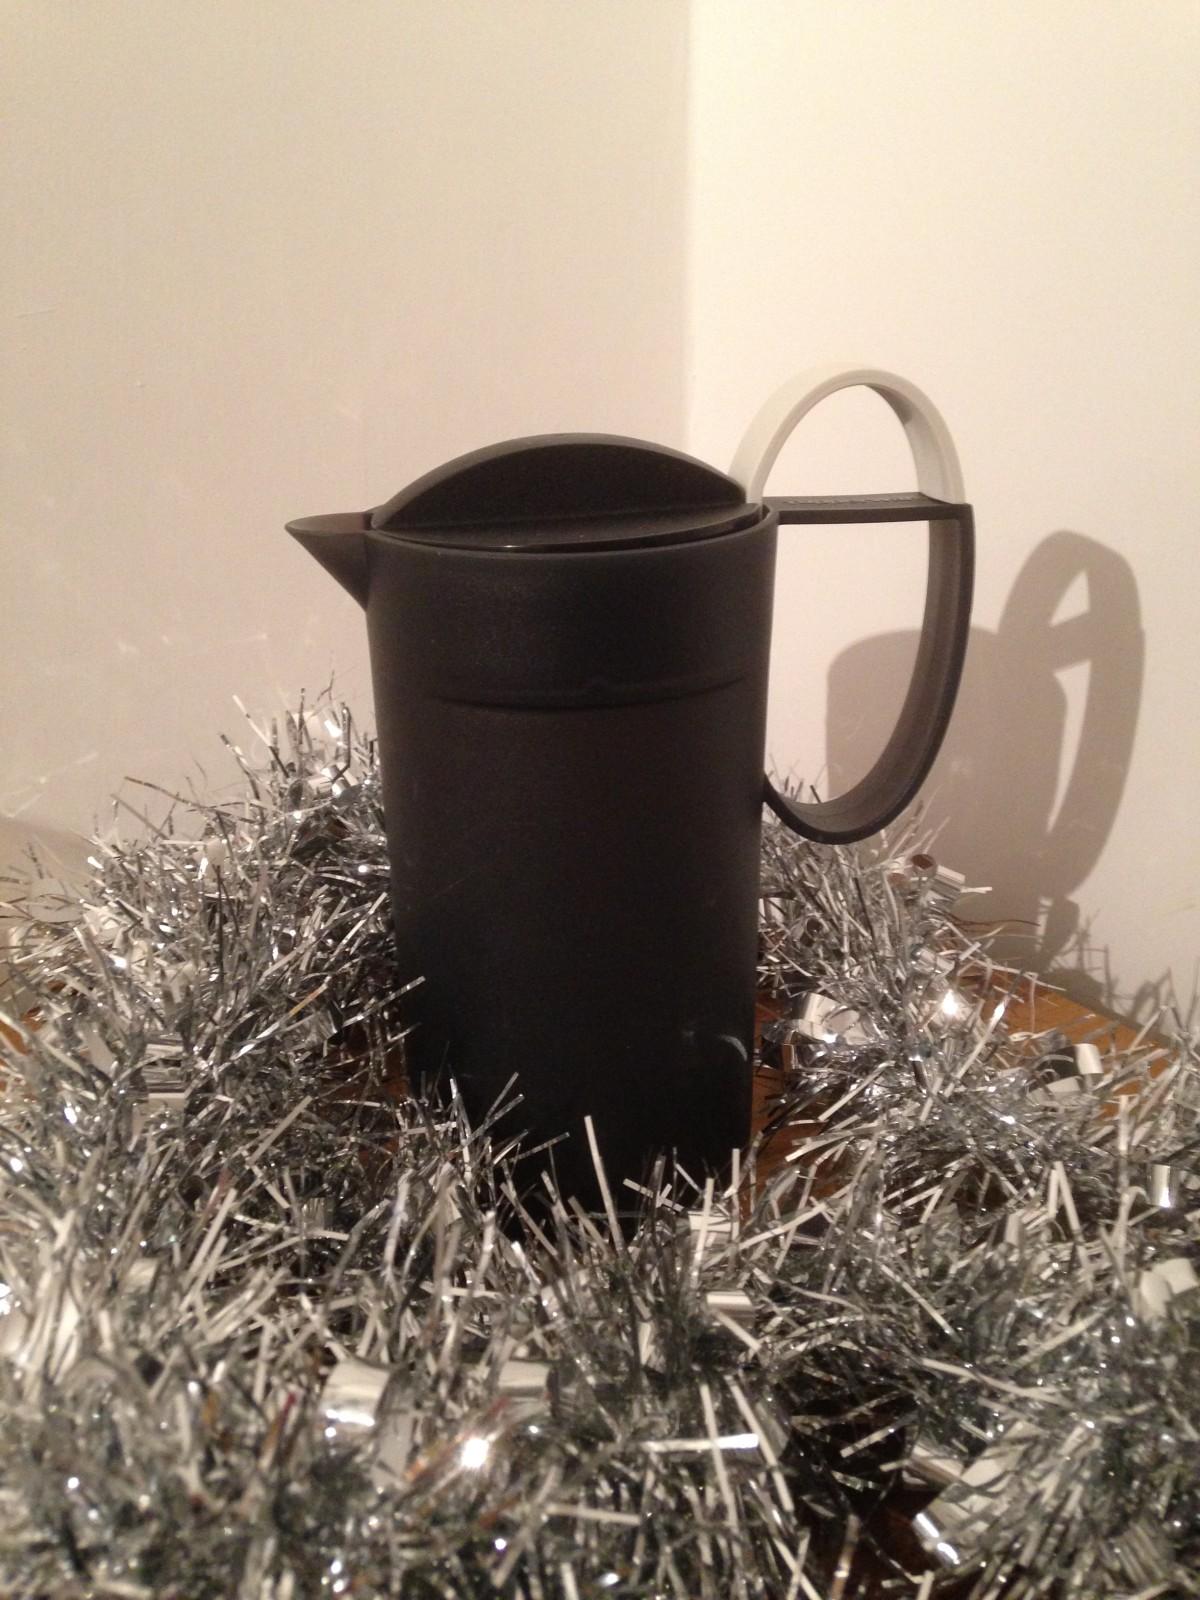 Adventskalender 20. Dezember: Milchaufschäumer zu gewinnen!